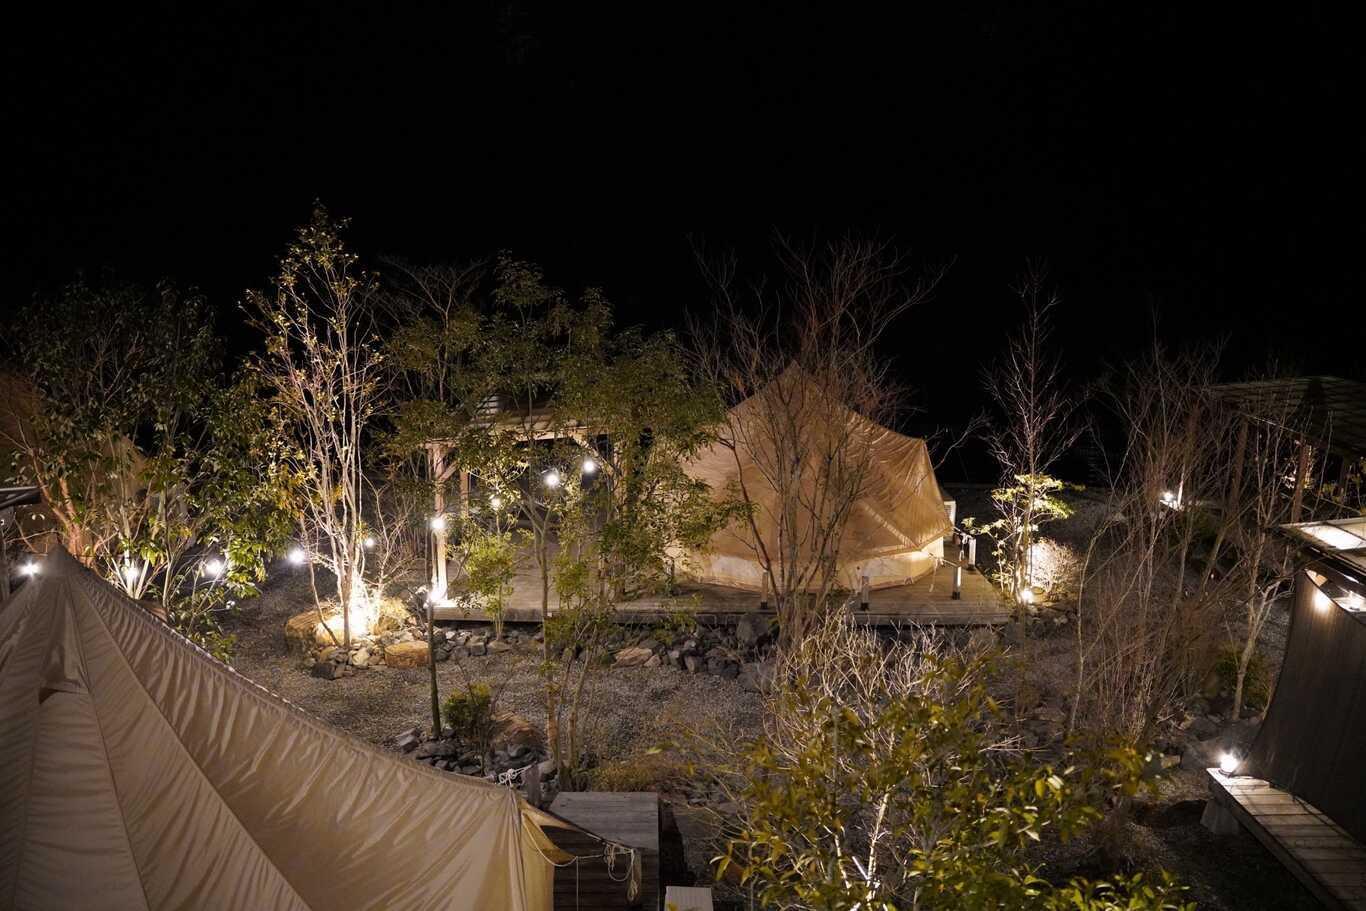 家族でわいわいBBQ!夏のテント宿泊プラン 画像